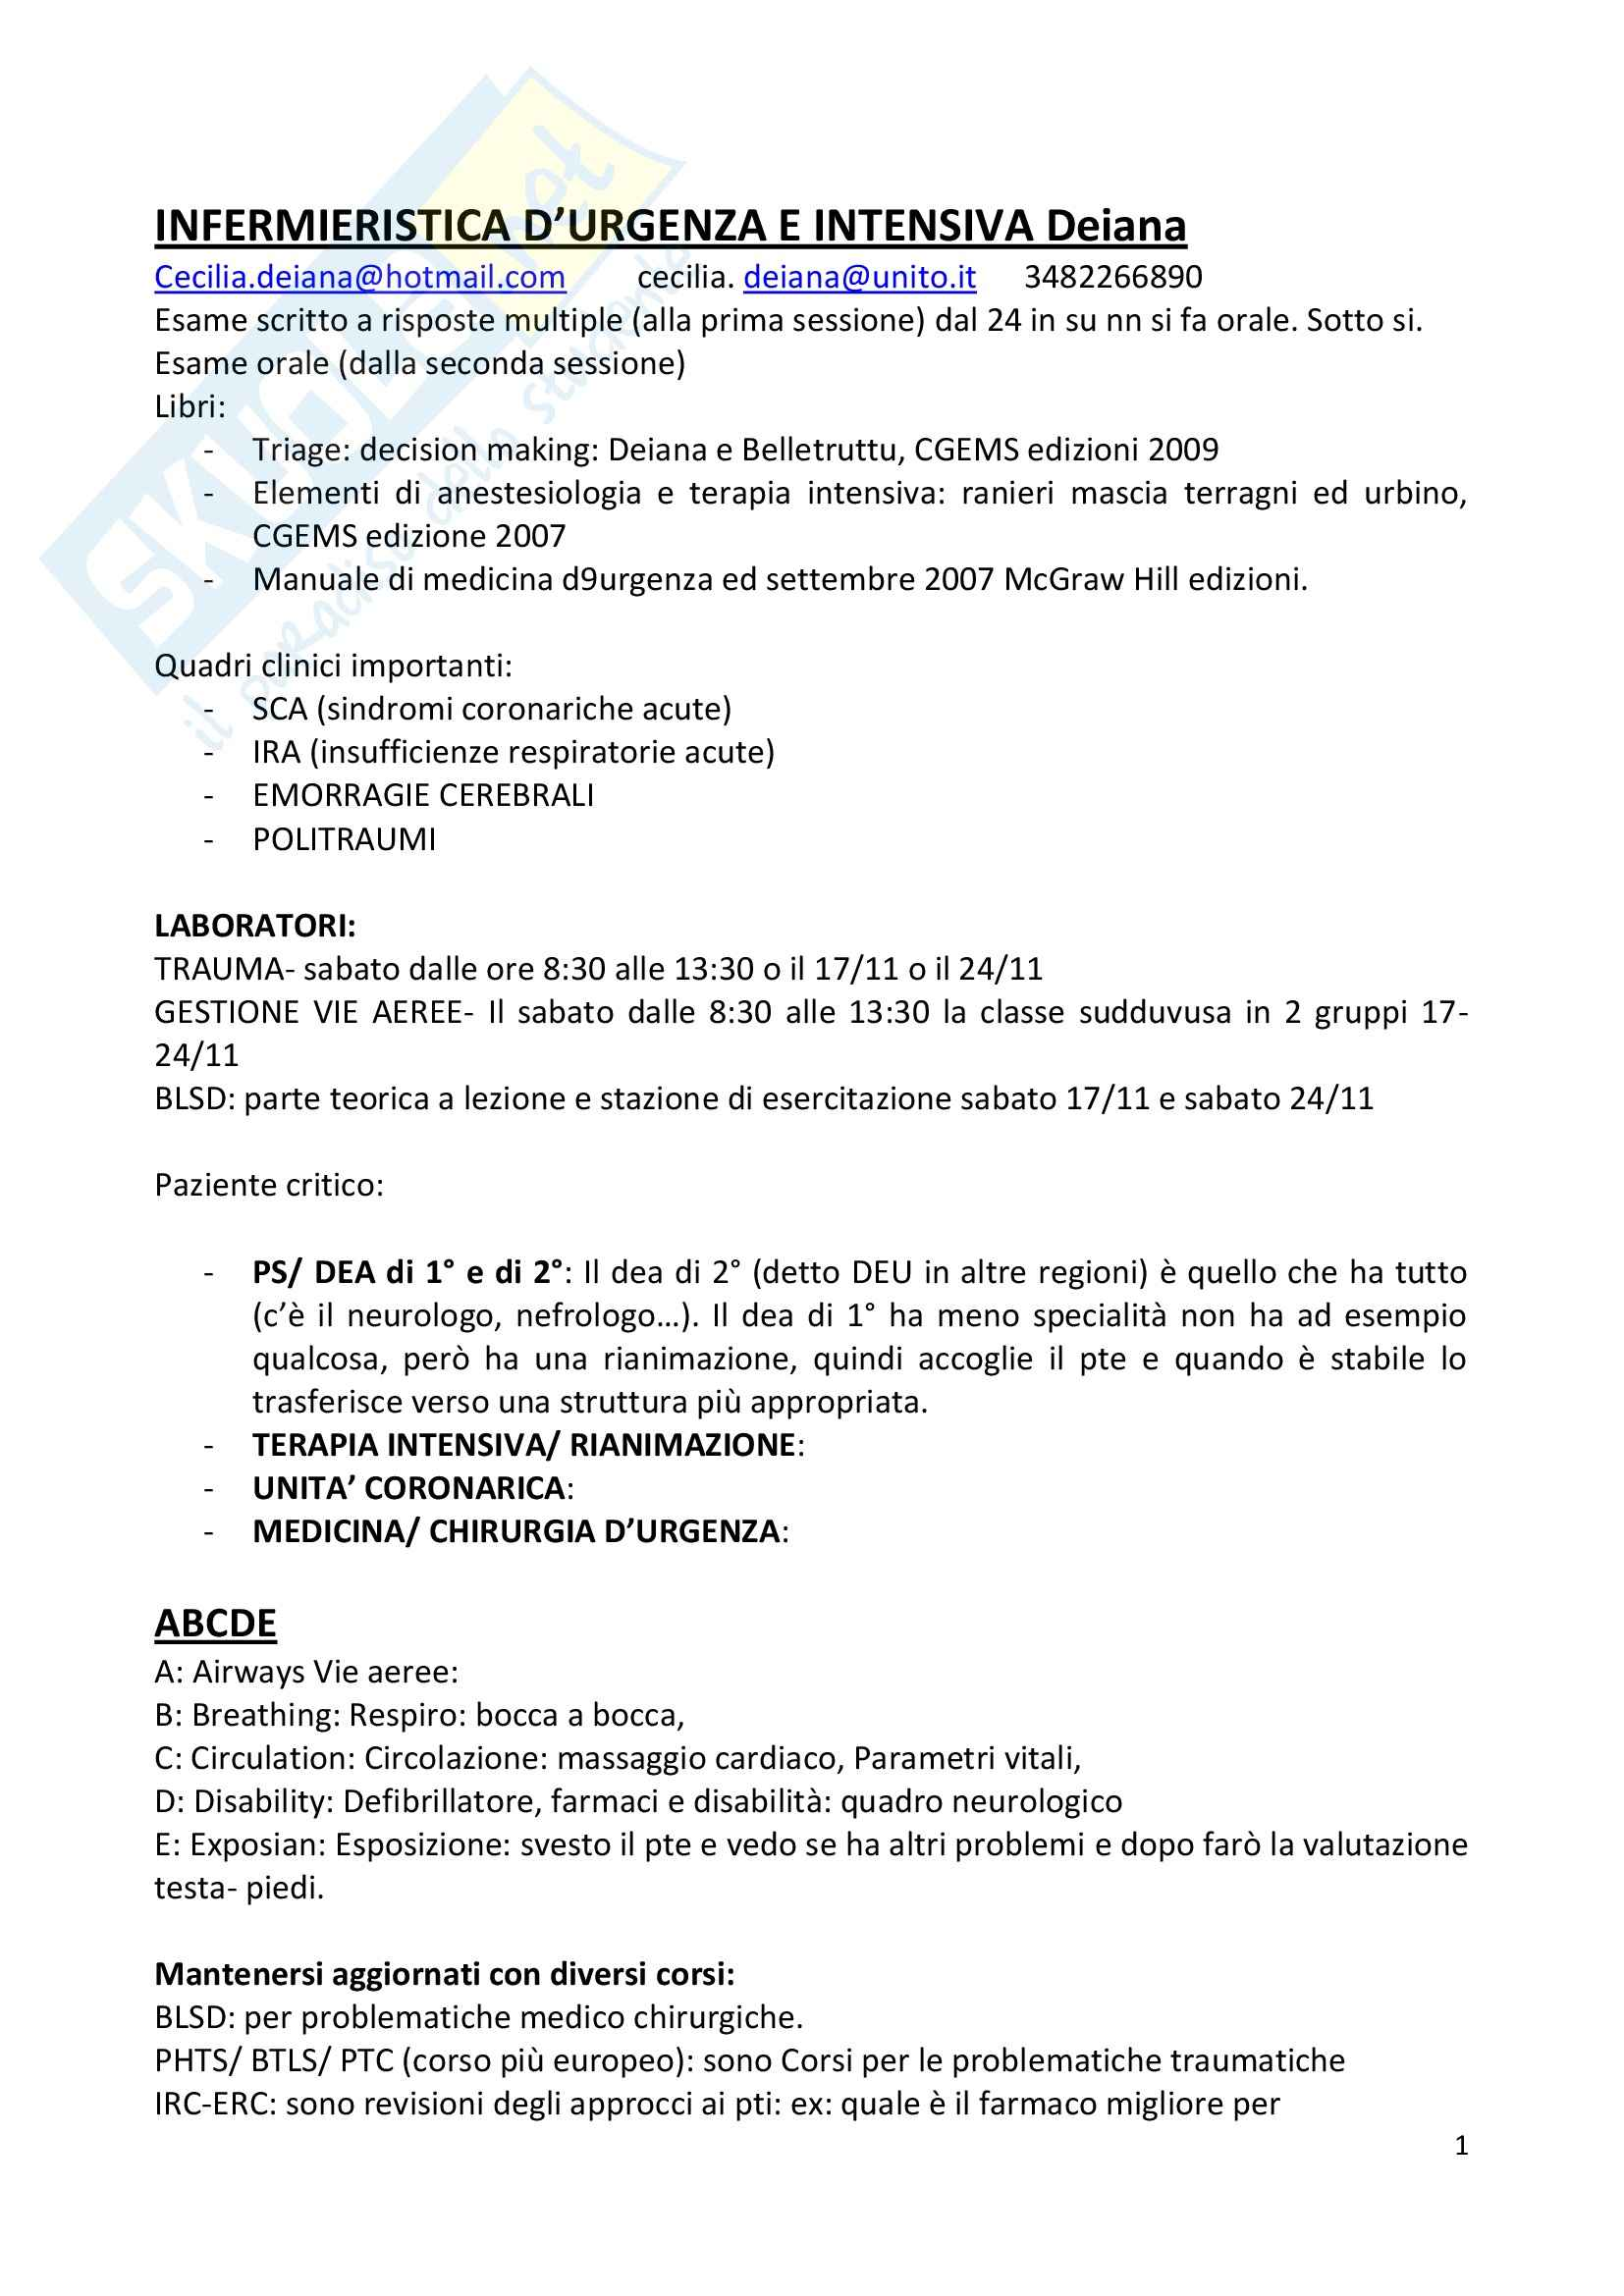 Infermieristica d'urgenza e intensiva (infermieri)